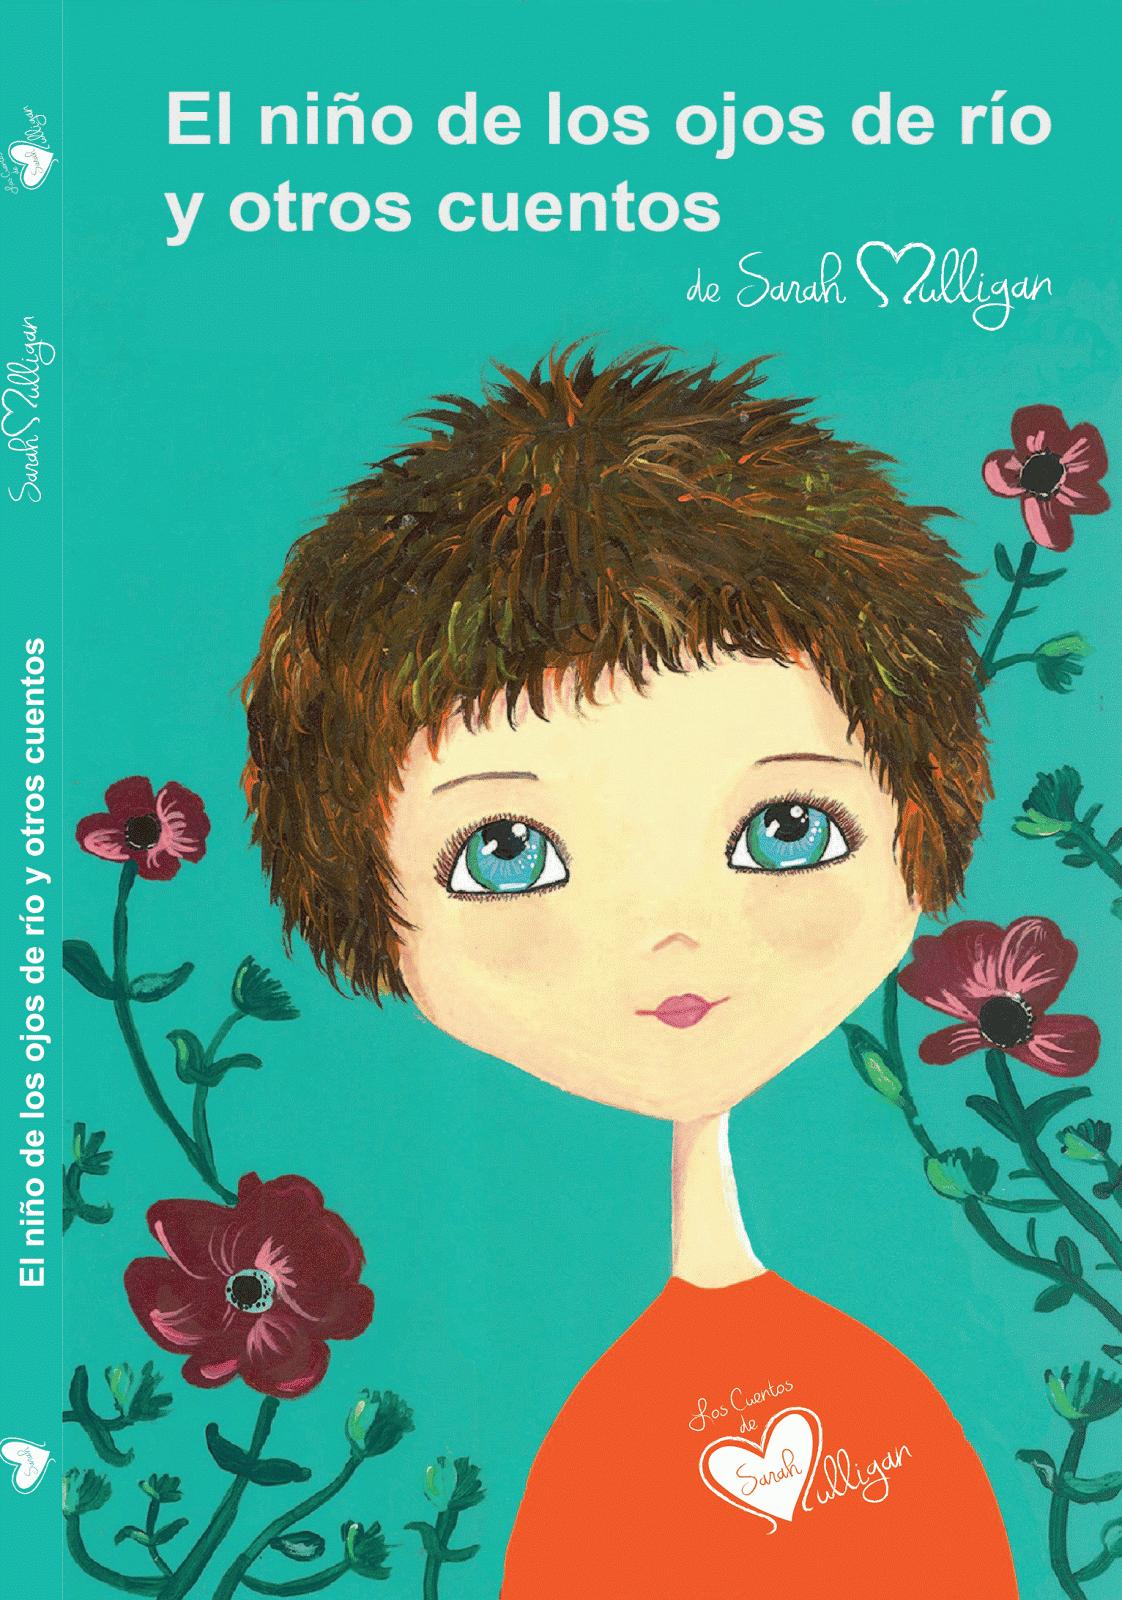 ¡Ya salió el nuevo libro de Sarah Mulligan!